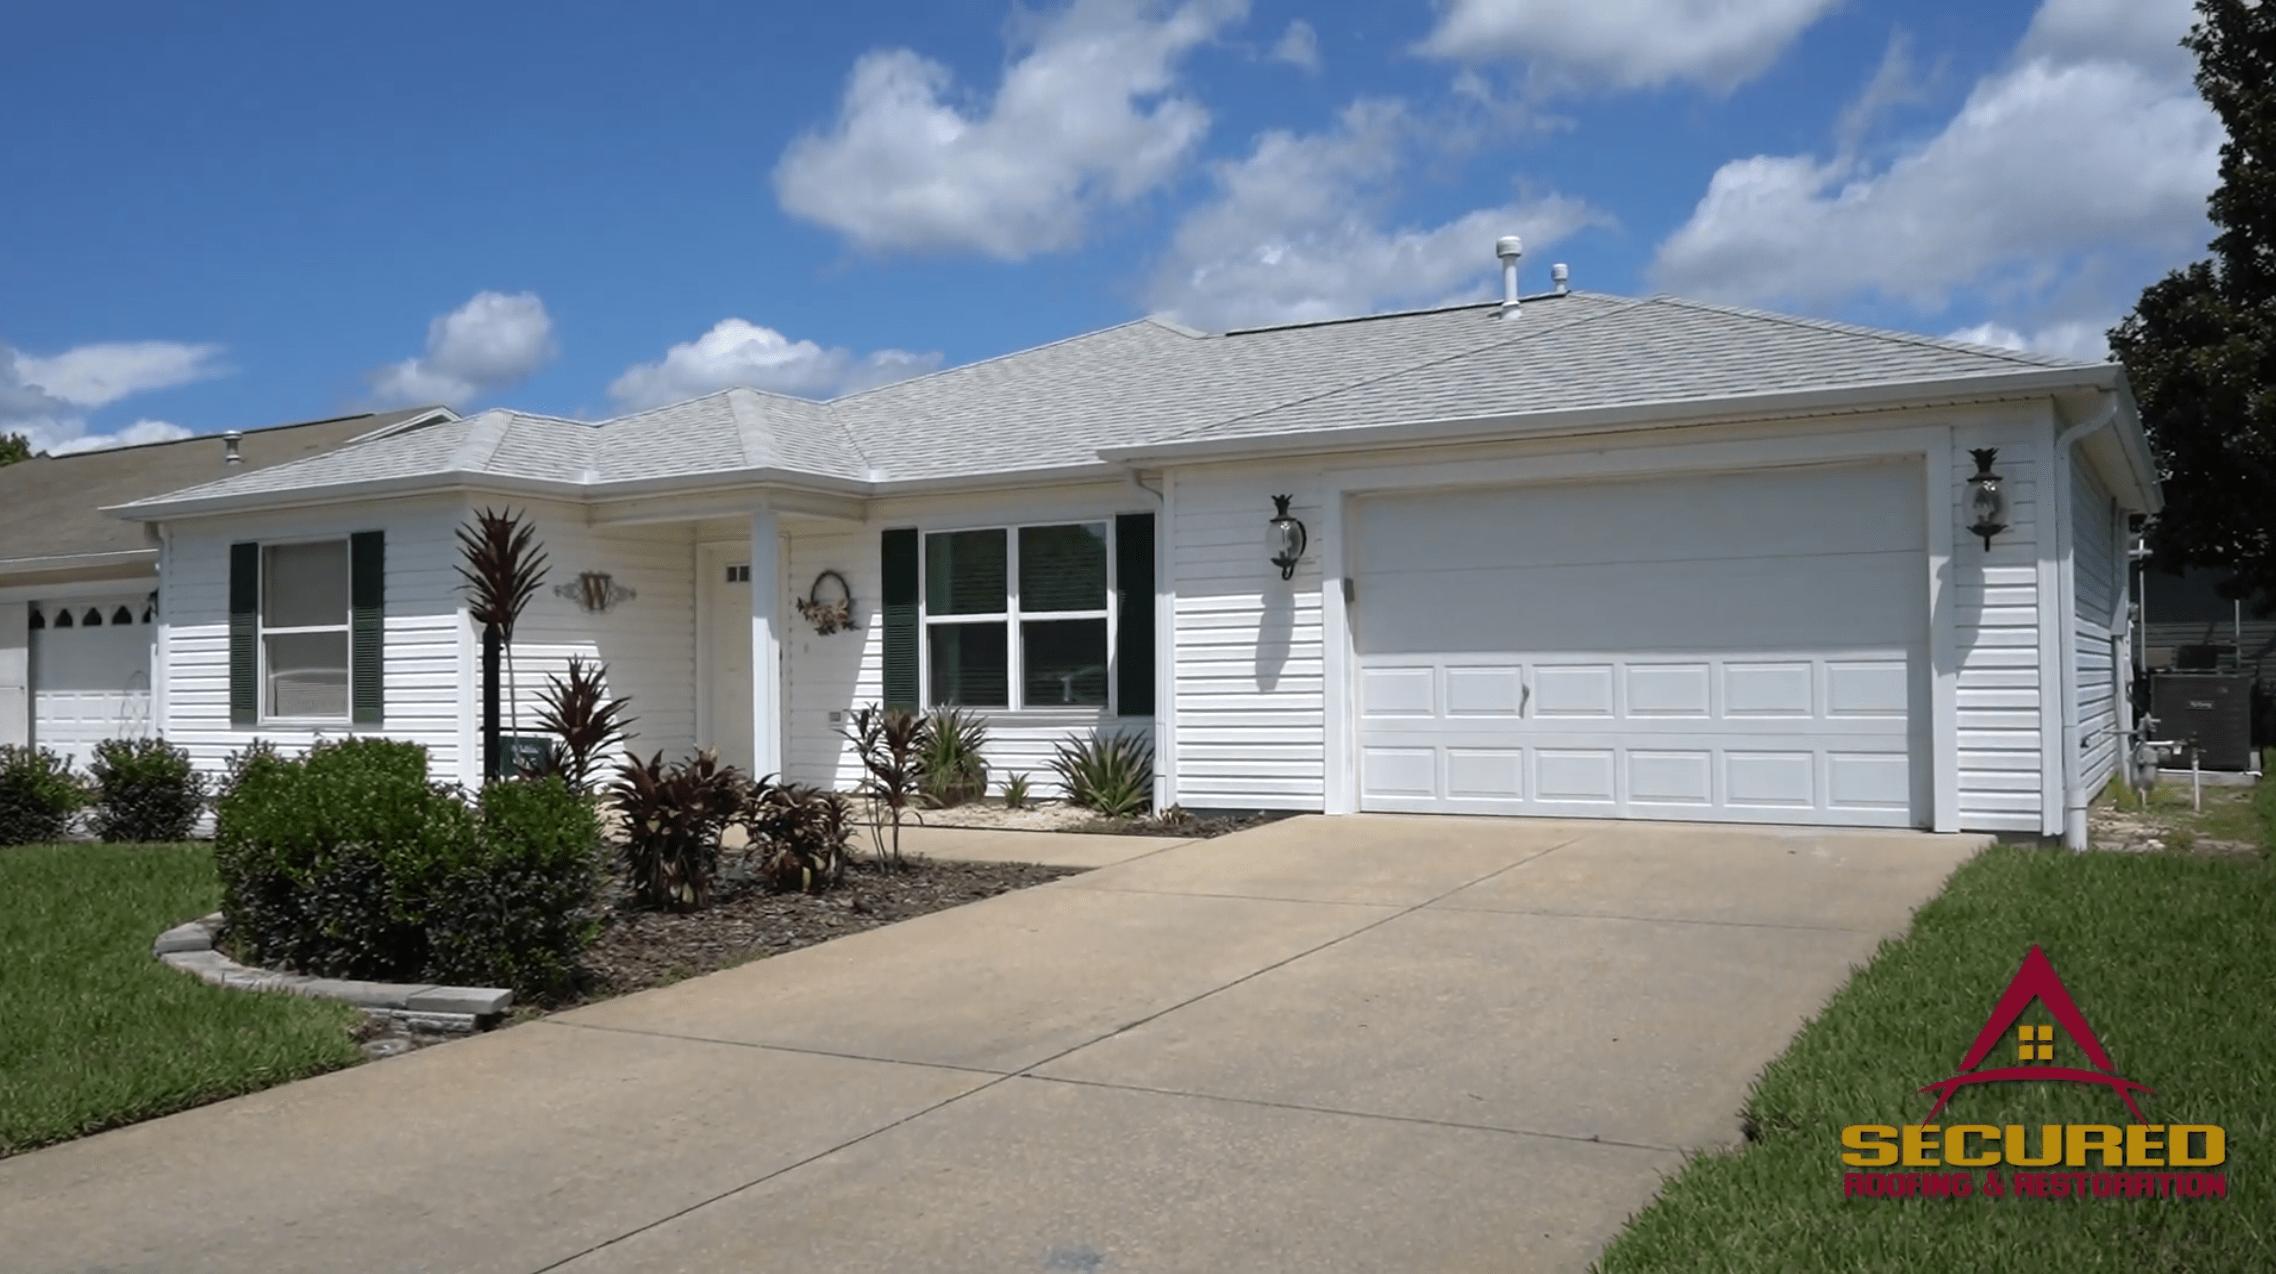 white home in residential neighborhood